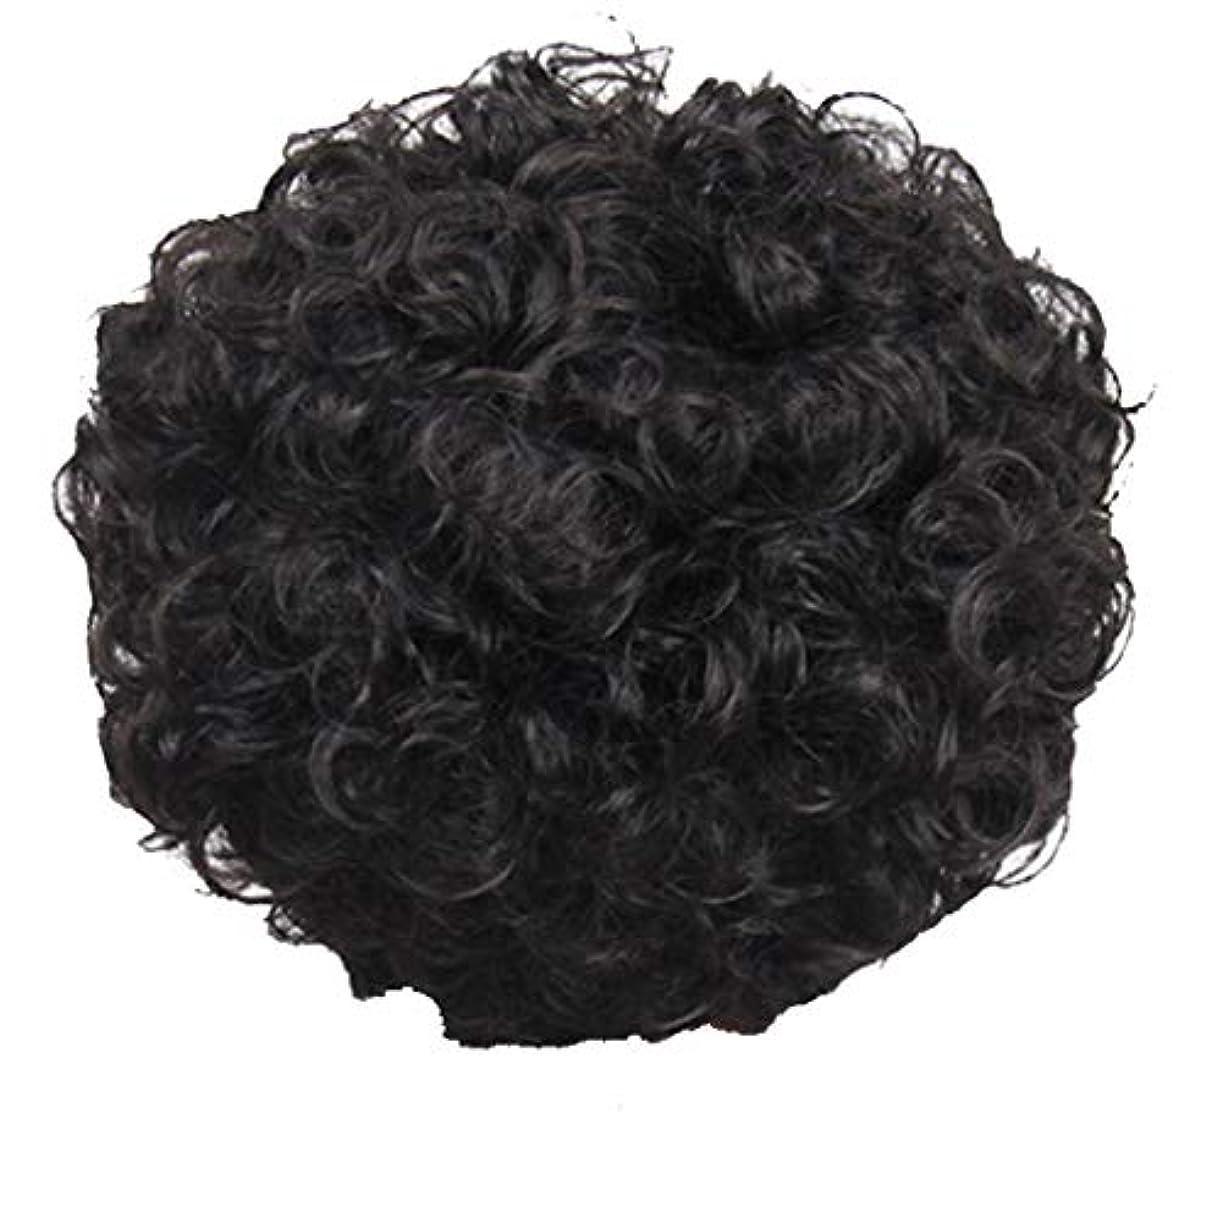 ランクレンディションスピリチュアルかつら、女性、短い髪、巻き毛、かつら、エルフカット、かつらキャップ、27cm